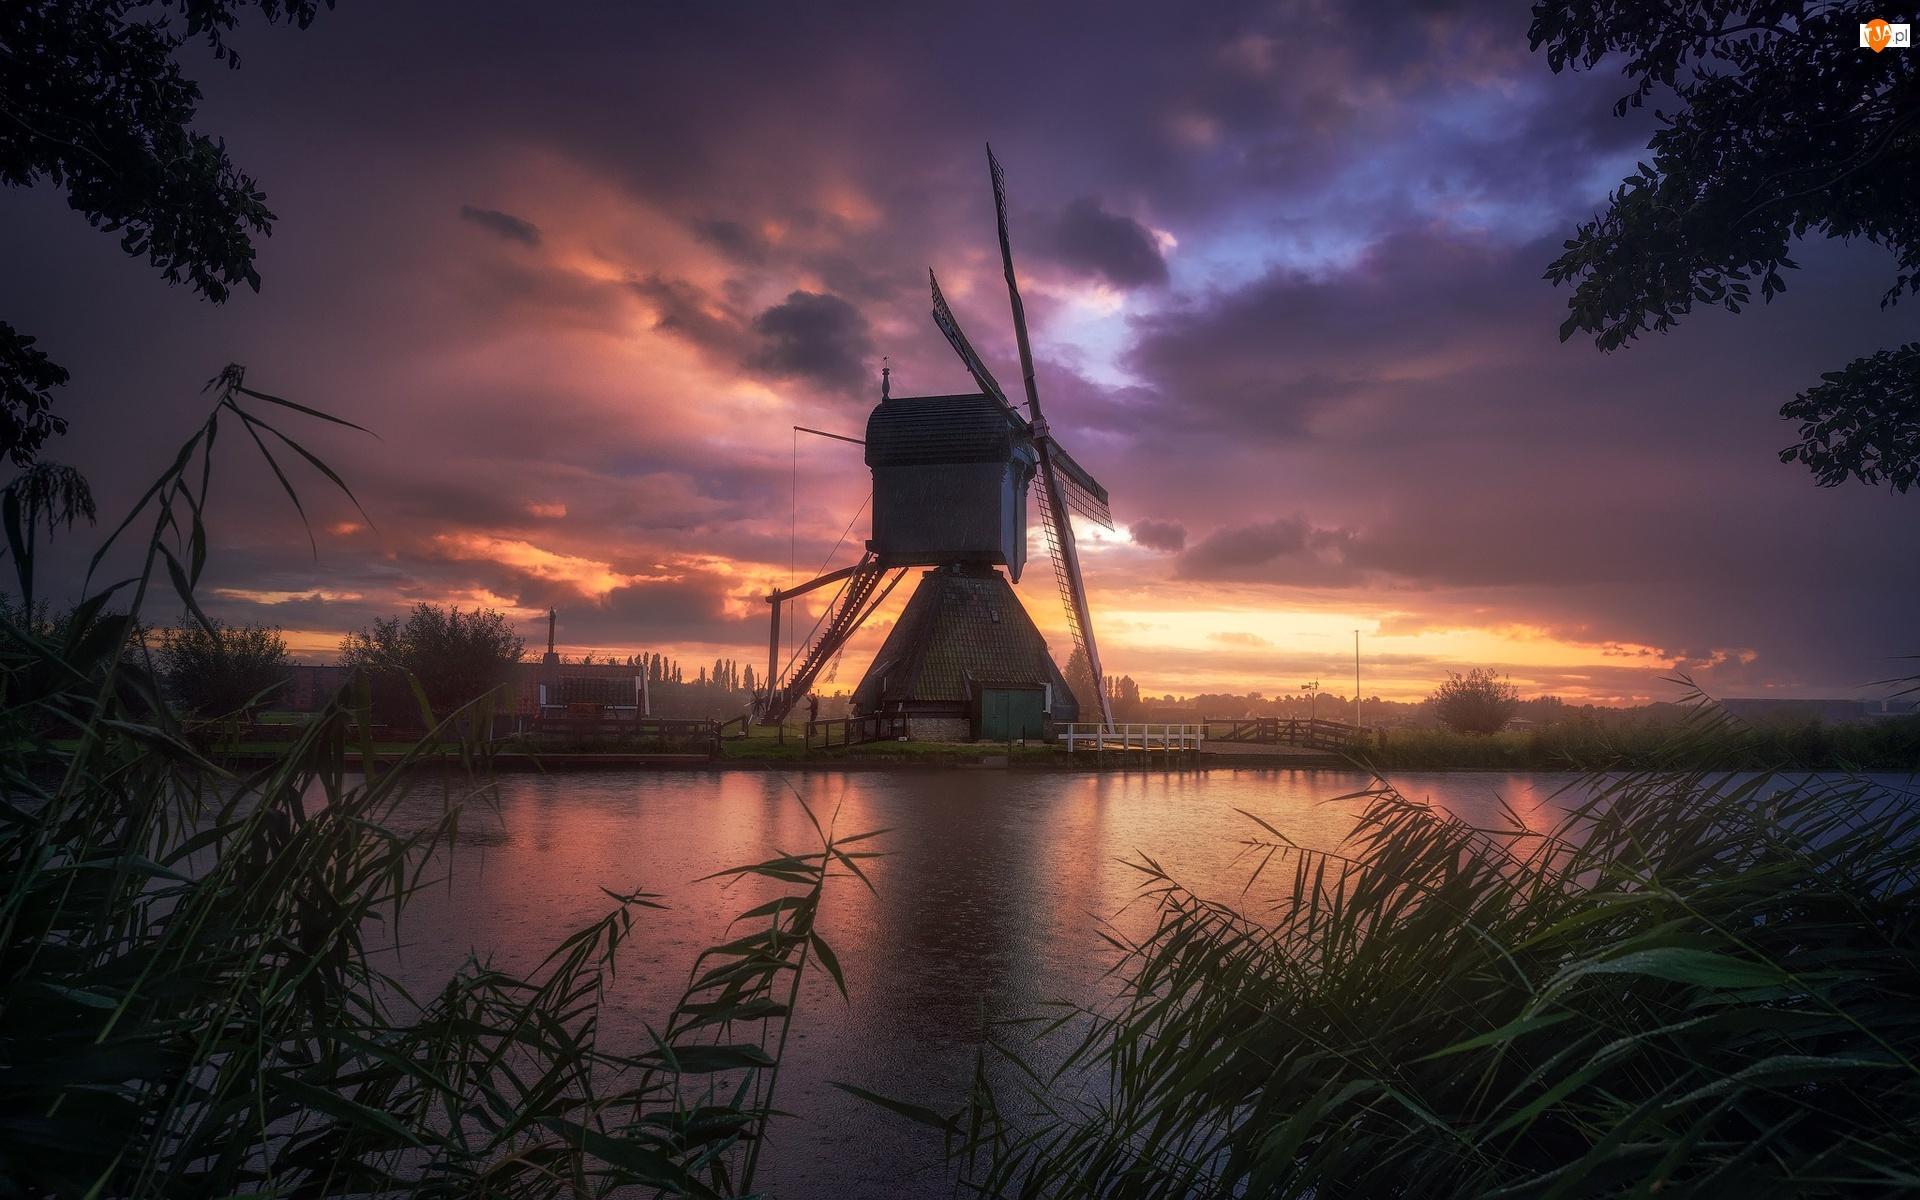 Wiatrak, Szuwary, Holandia, Rzeka, Kinderdijk, Zachód słońca